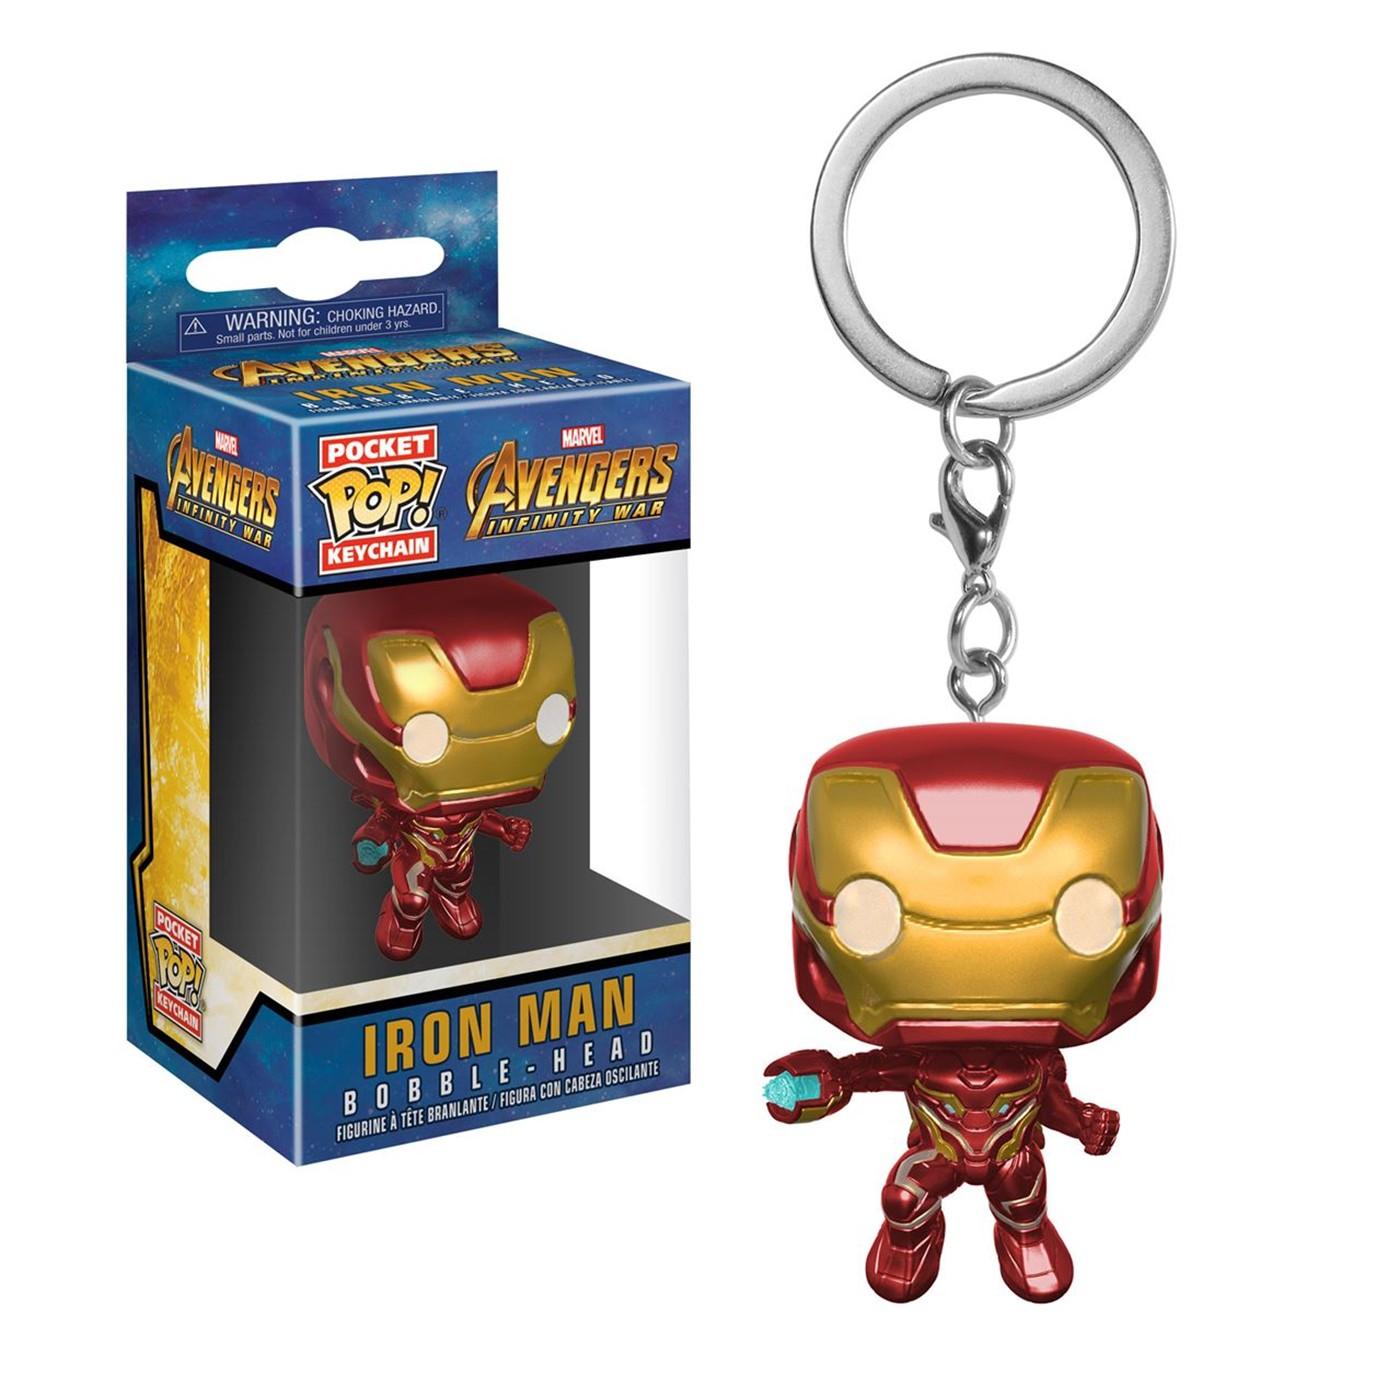 Infinity War Iron Man Funko Pocket Pop Keychain